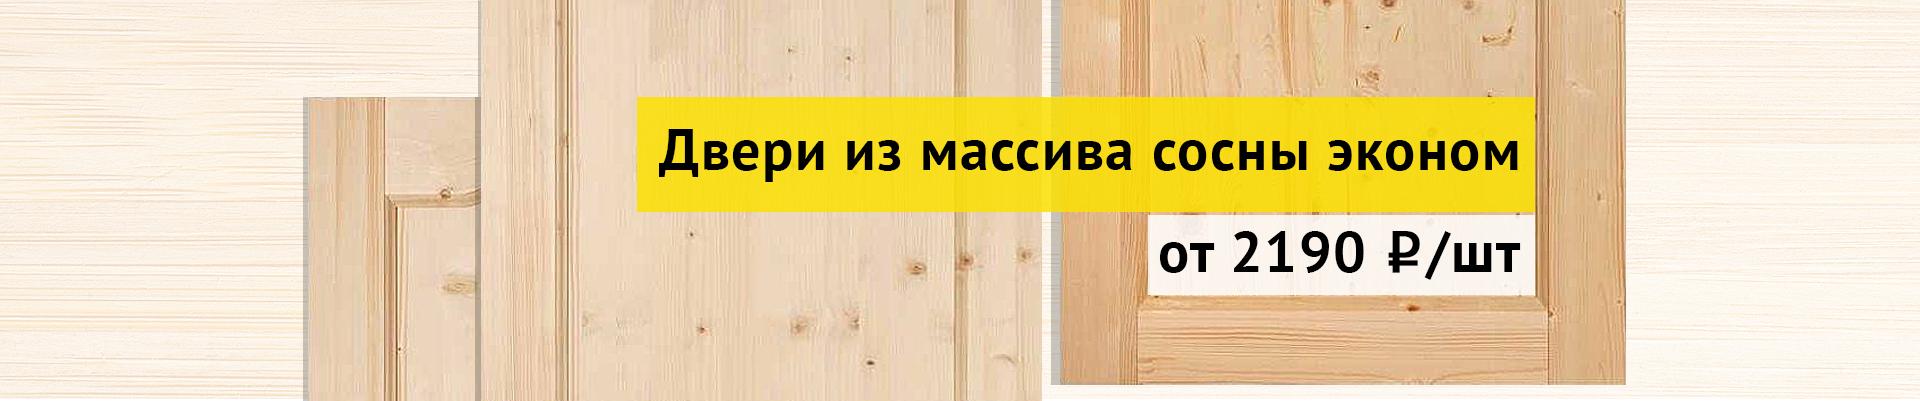 Купить столярный сращенный щит из ясеня в Москве - Дилект